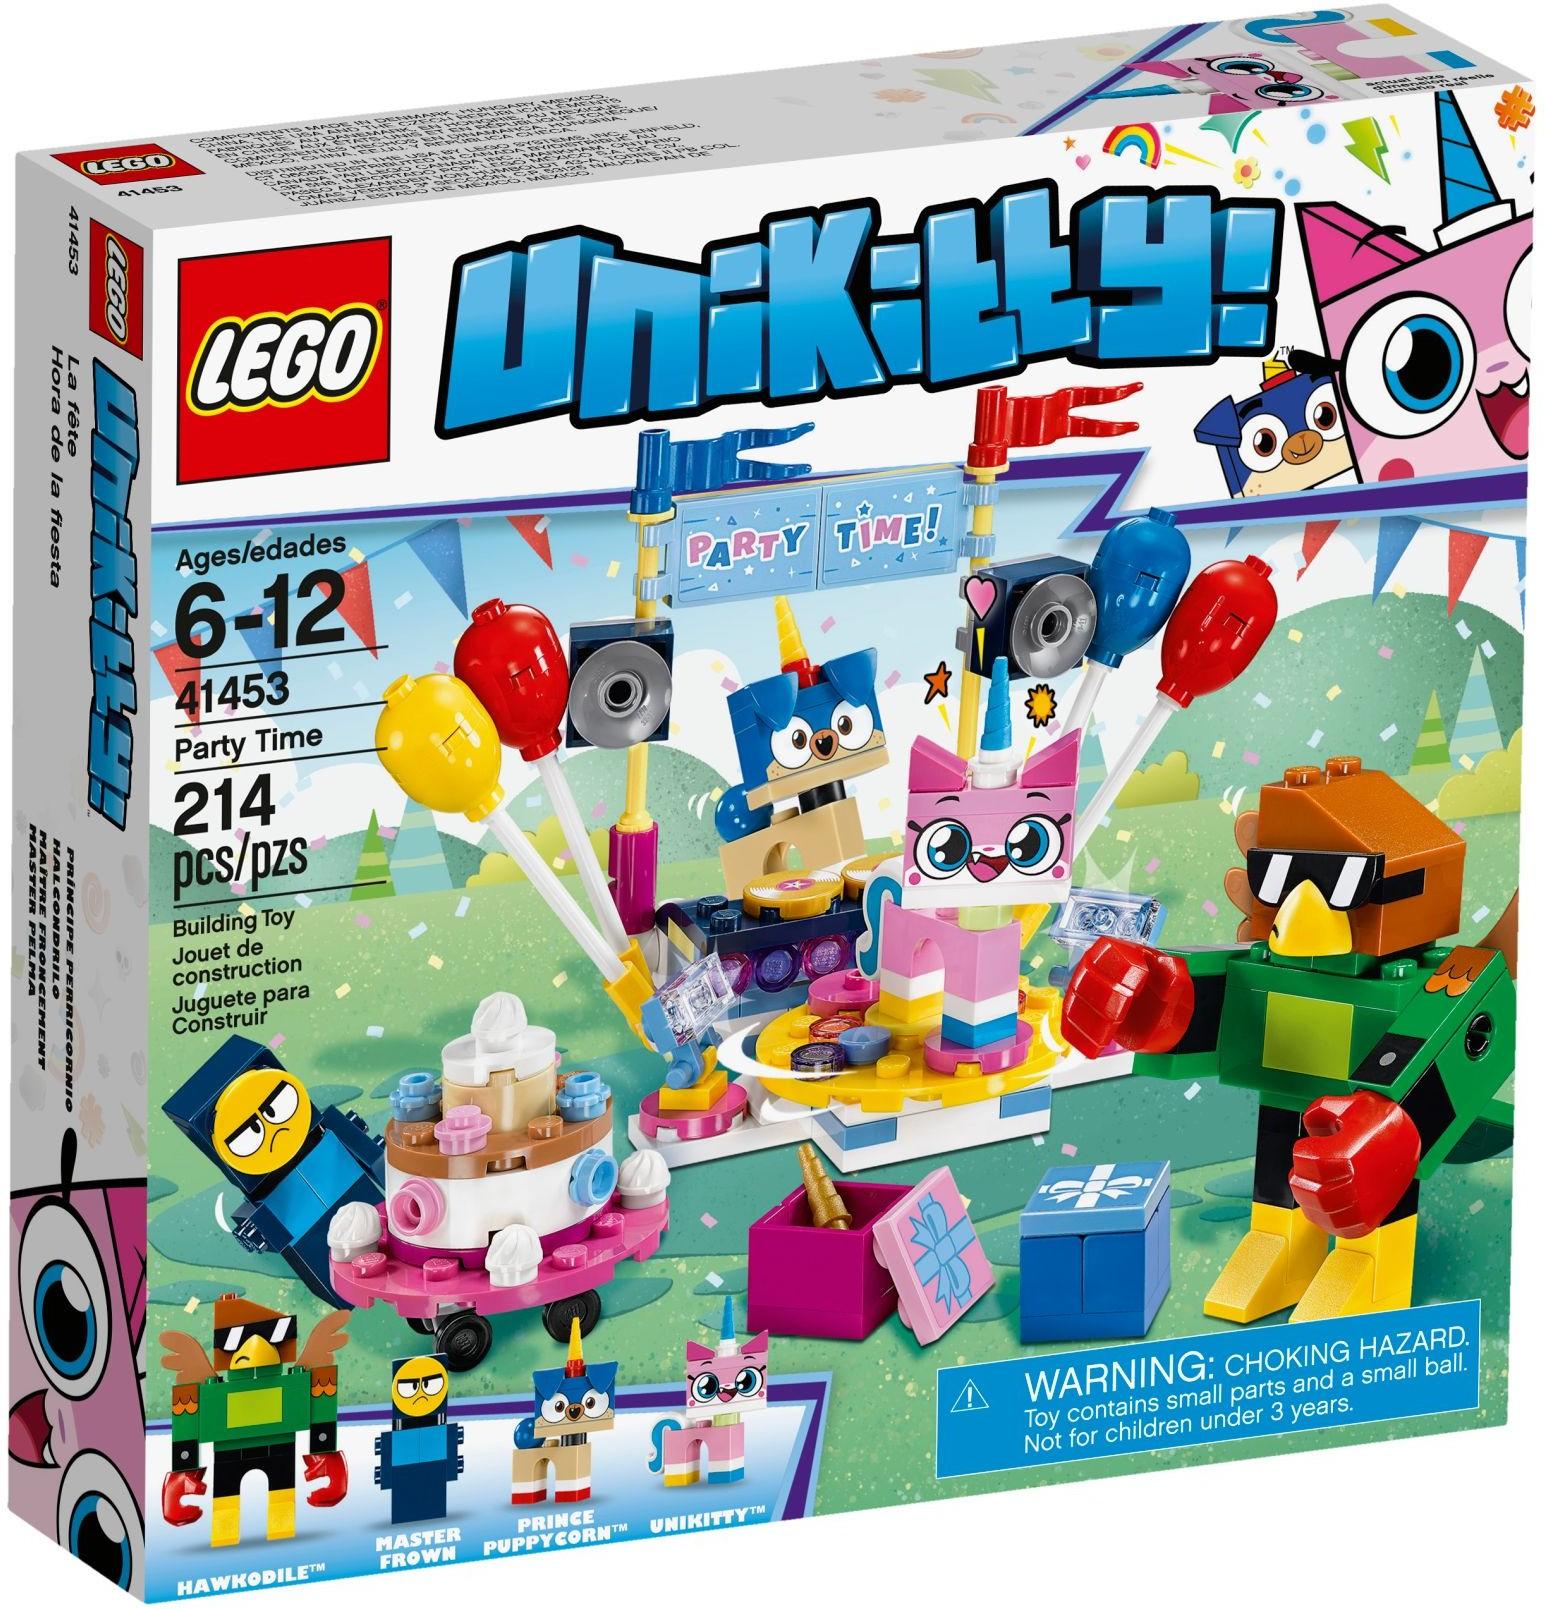 41453 LEGO Unikitty Party Time